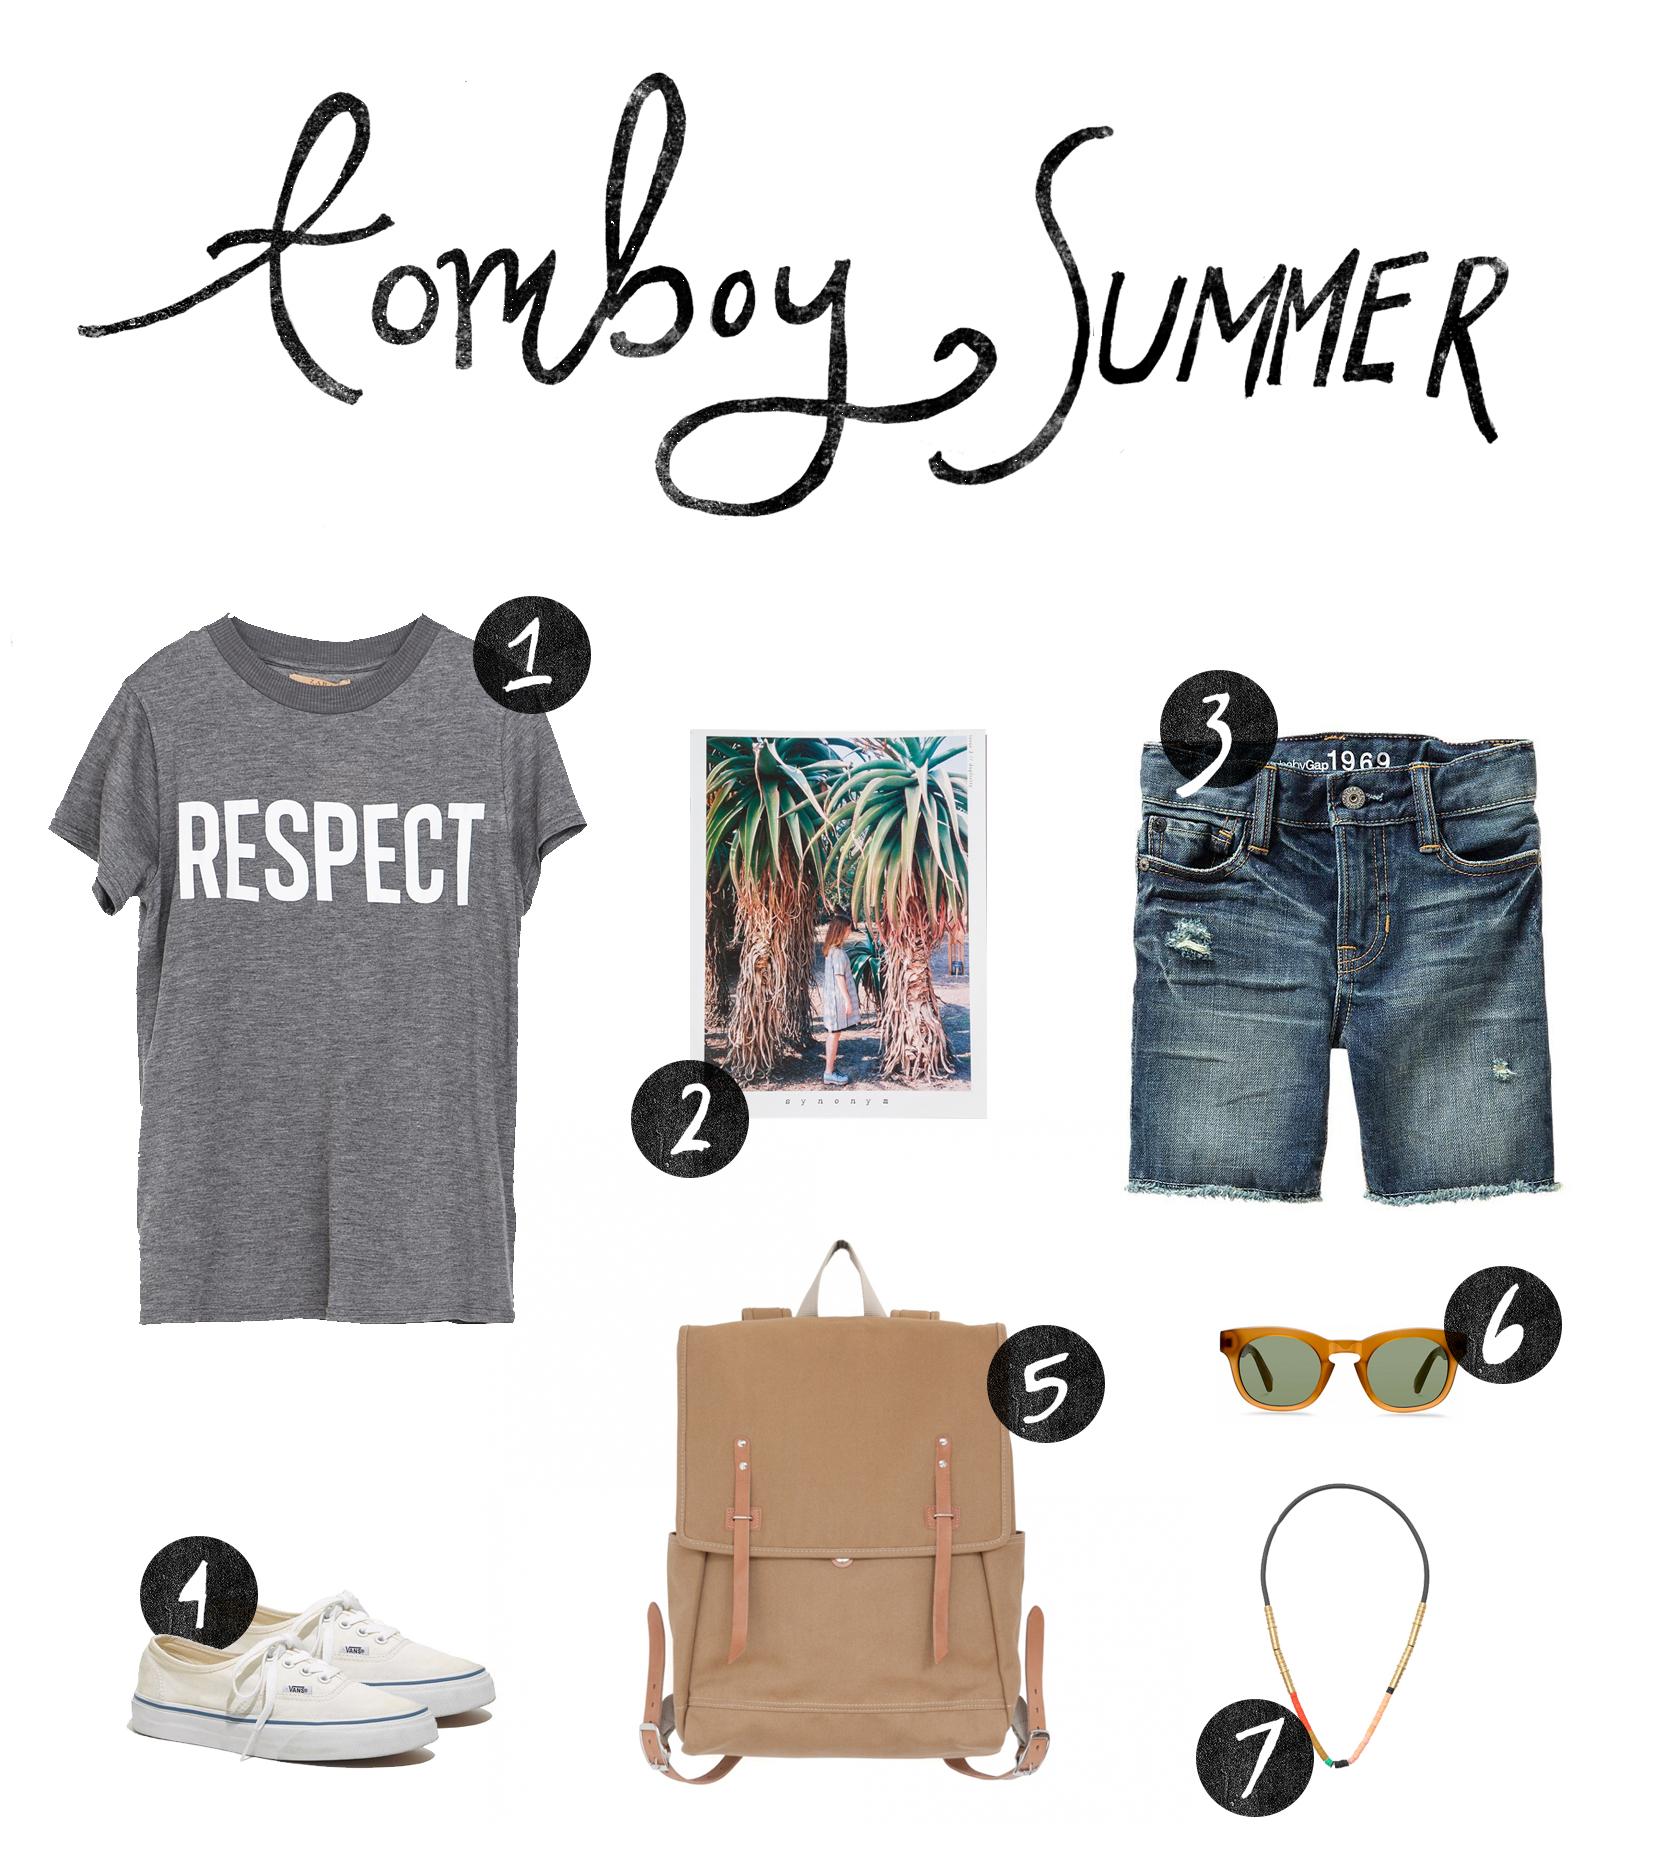 Tomboy Summer Style | The Fresh Exchange